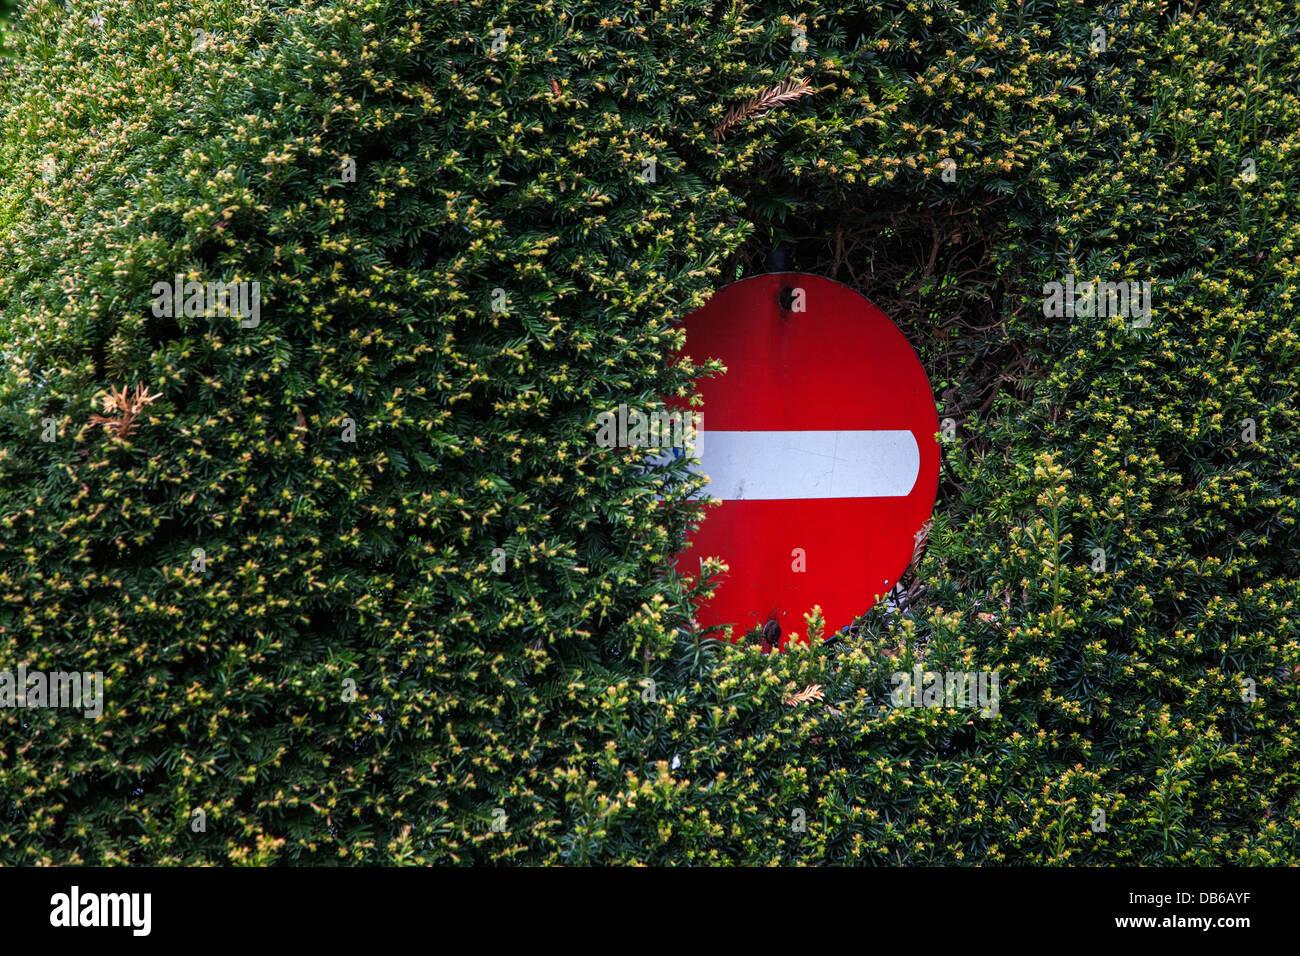 Appena visibile segno di traffico nascosti in una fitta vegetazione di hedge lungo la strada Immagini Stock